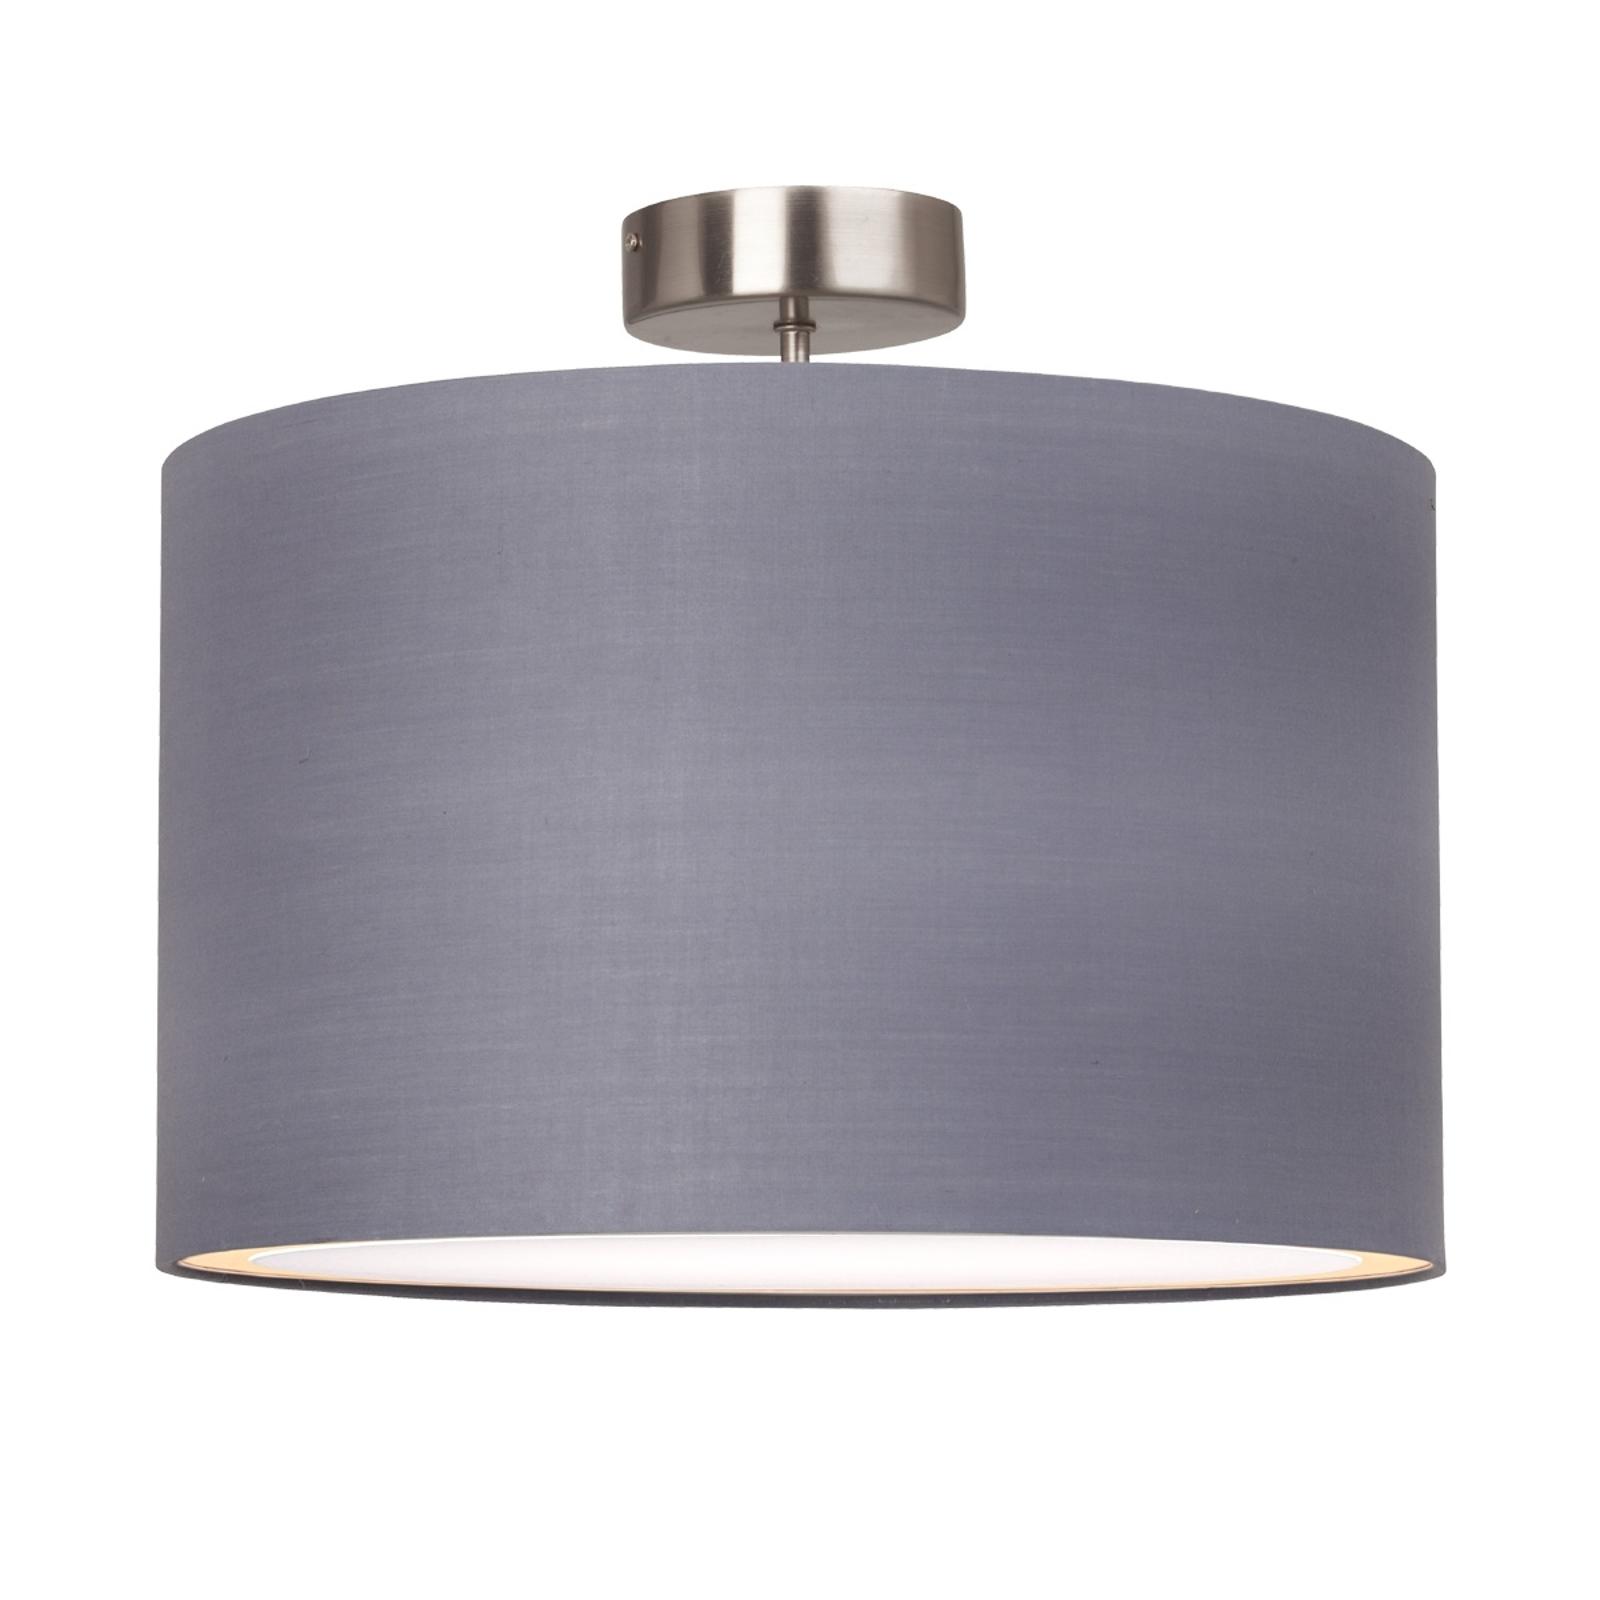 Plafonnier simple Clarie gris